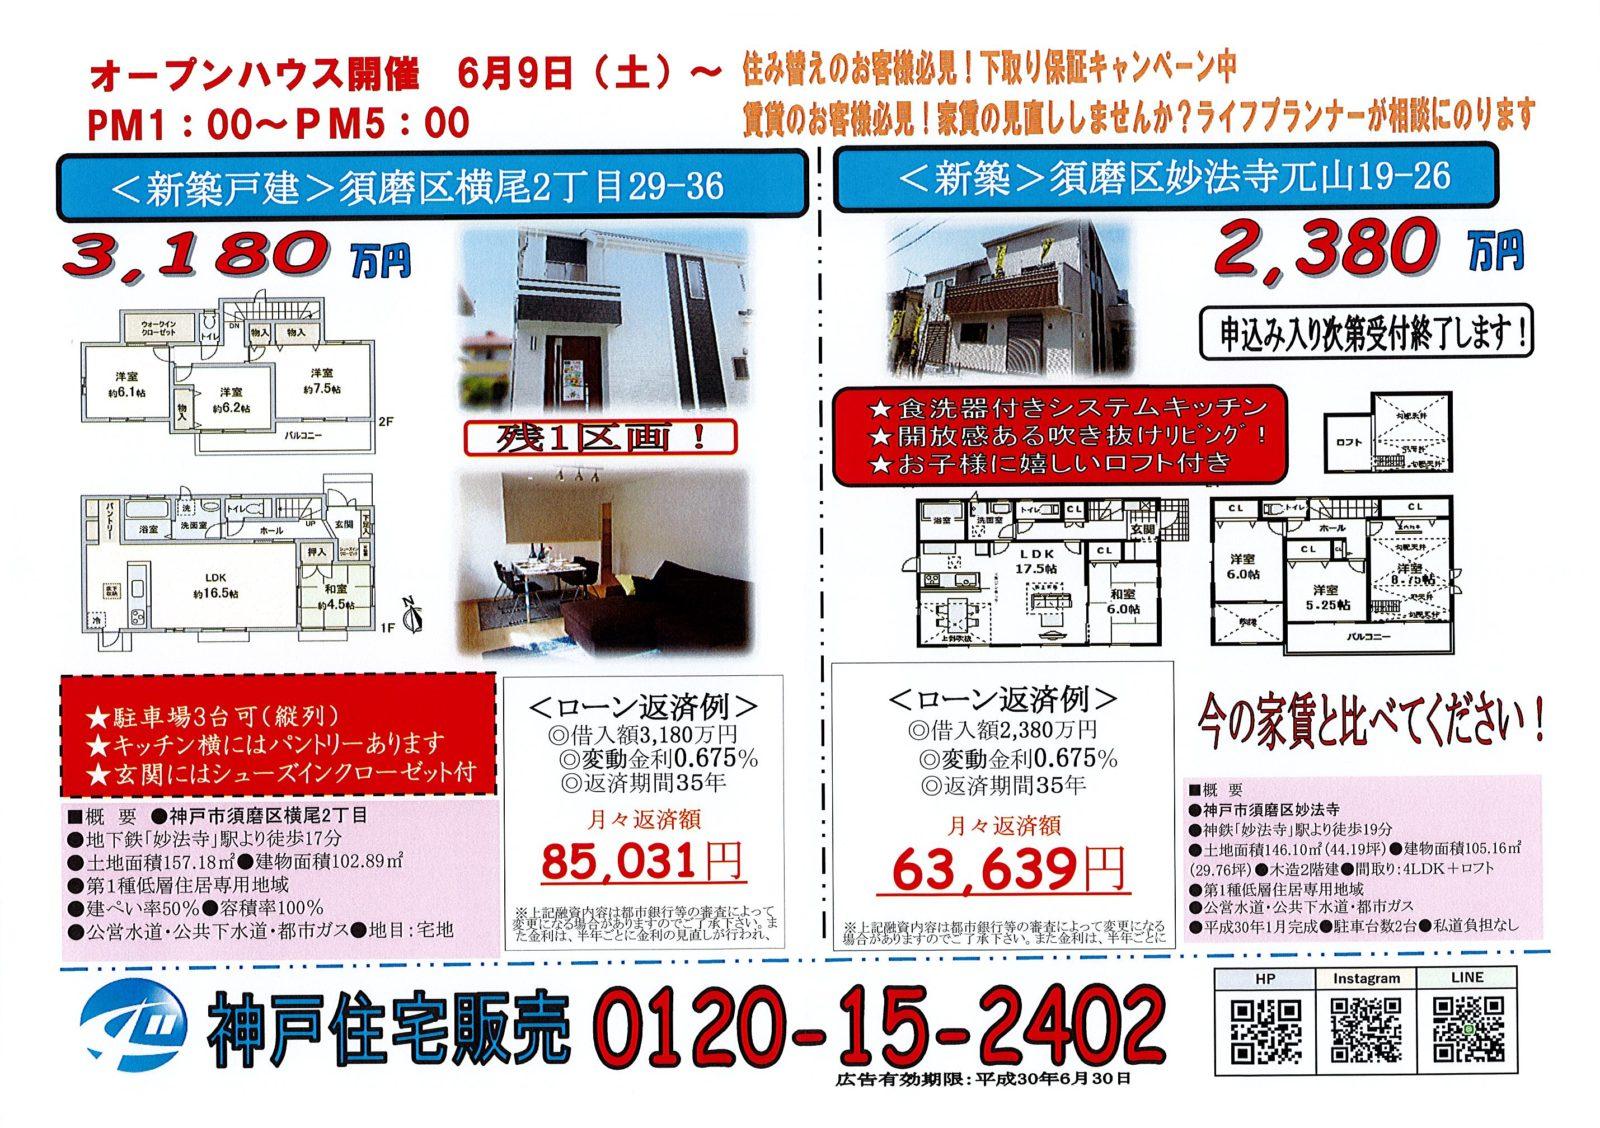 【広告】須磨区オープンハウス